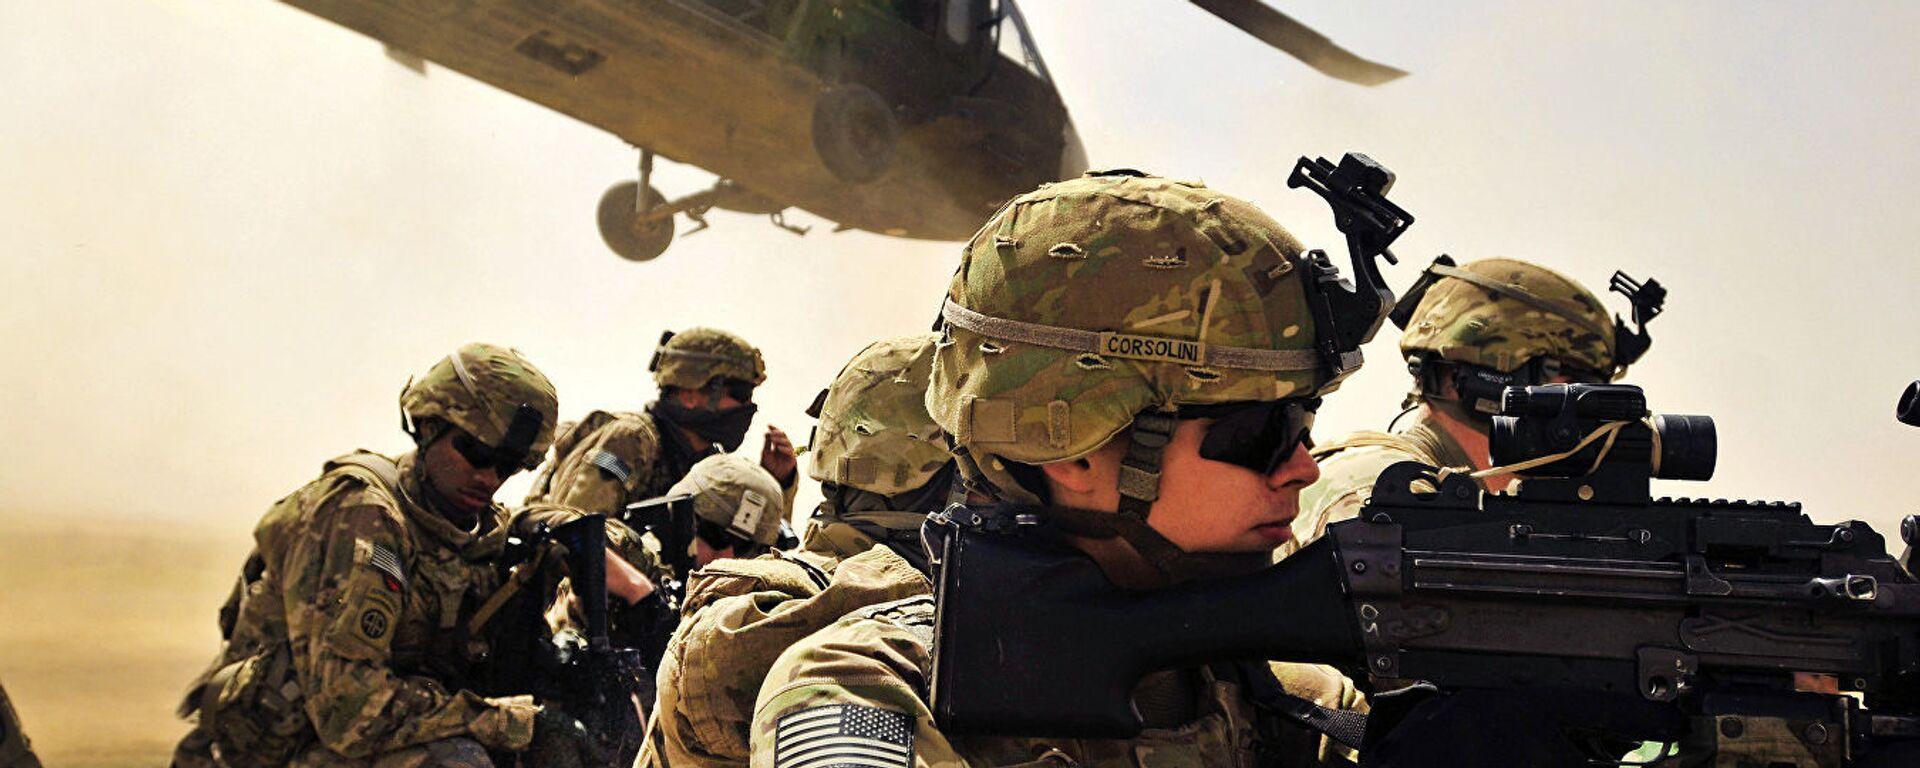 Военнослужащие армии США в провинции Кандагар, Афганистан - Sputnik Česká republika, 1920, 27.08.2021